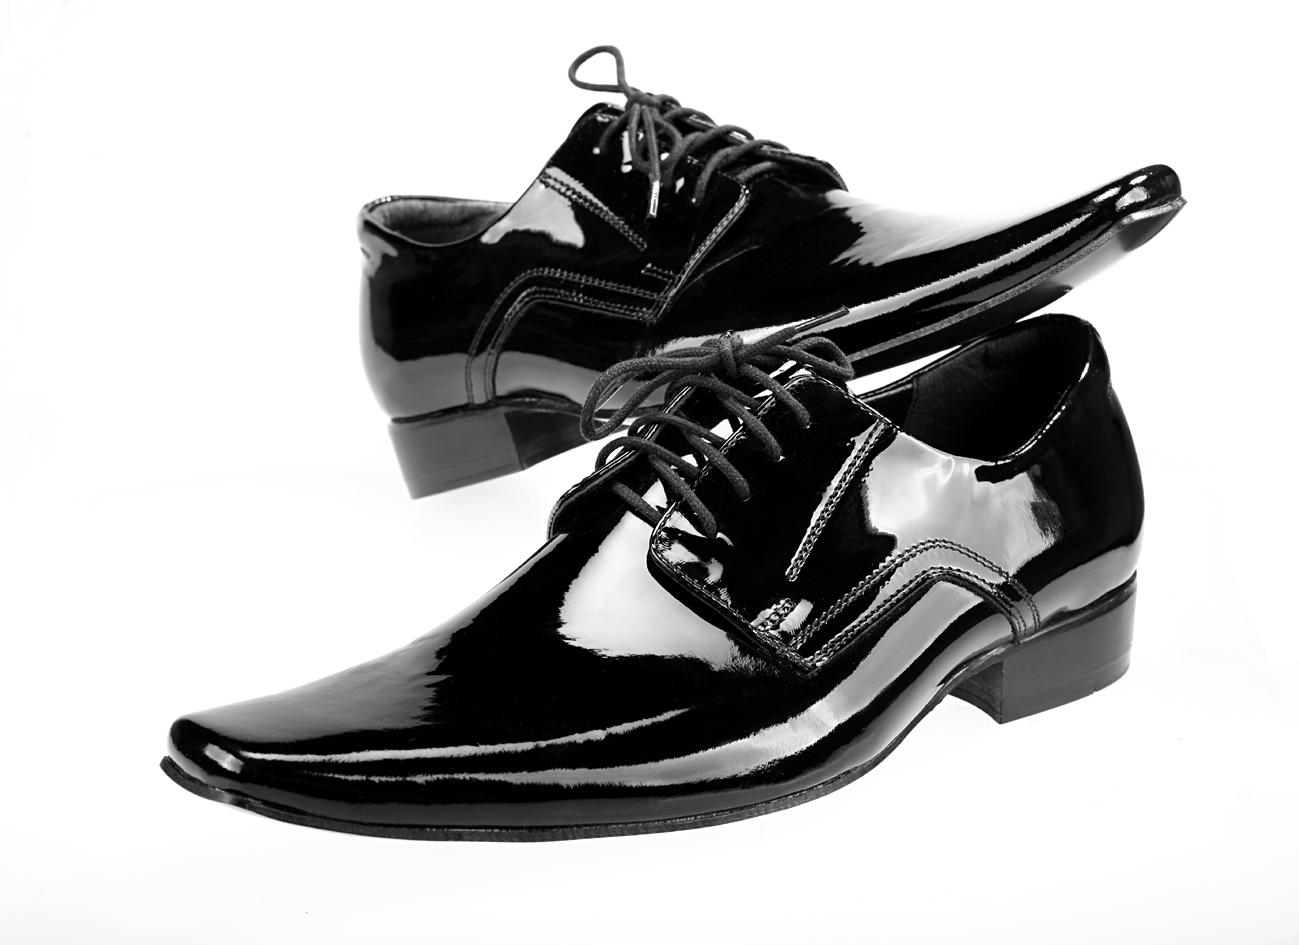 520b2af9e9 TOPOBUV - Pánska spoločenská obuv 070 01 Nero vernice